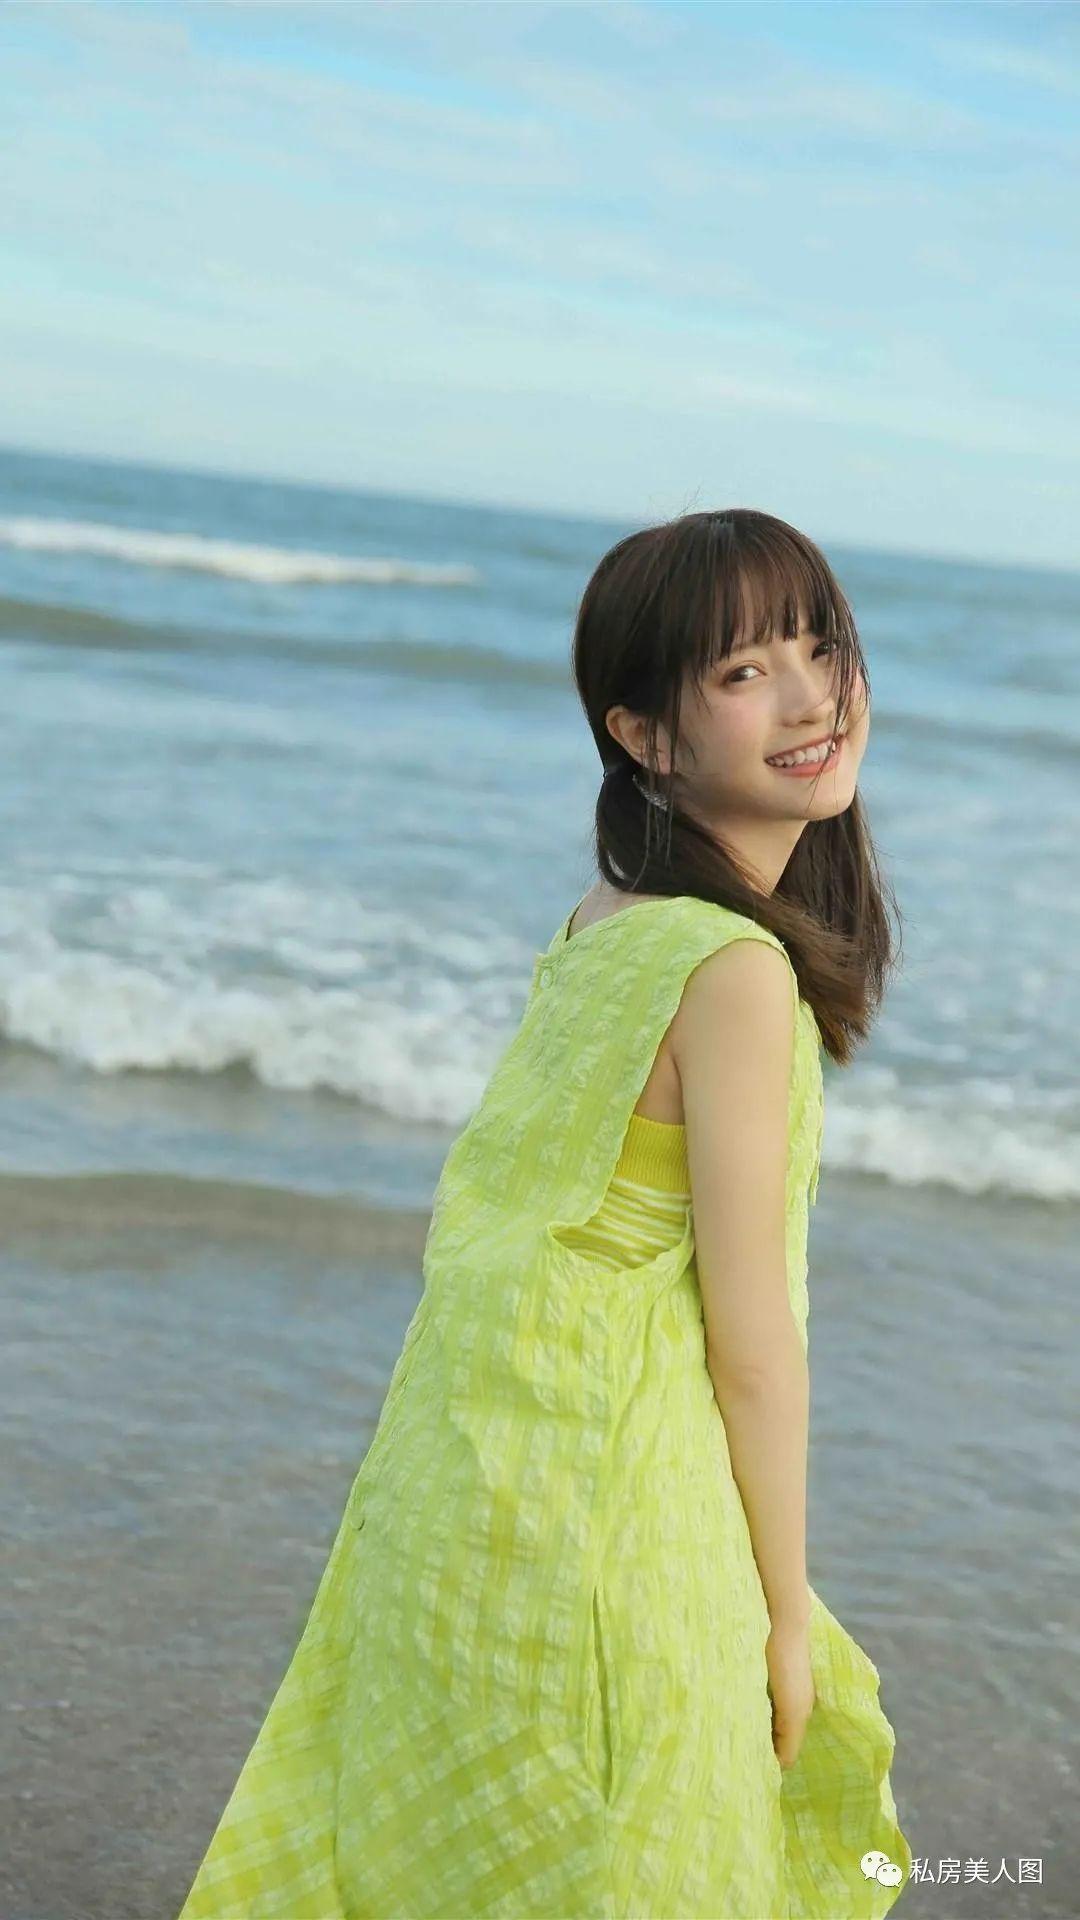 妹子摄影 – 双马尾连衣裙甜美少女的海边日记_图片 No.3